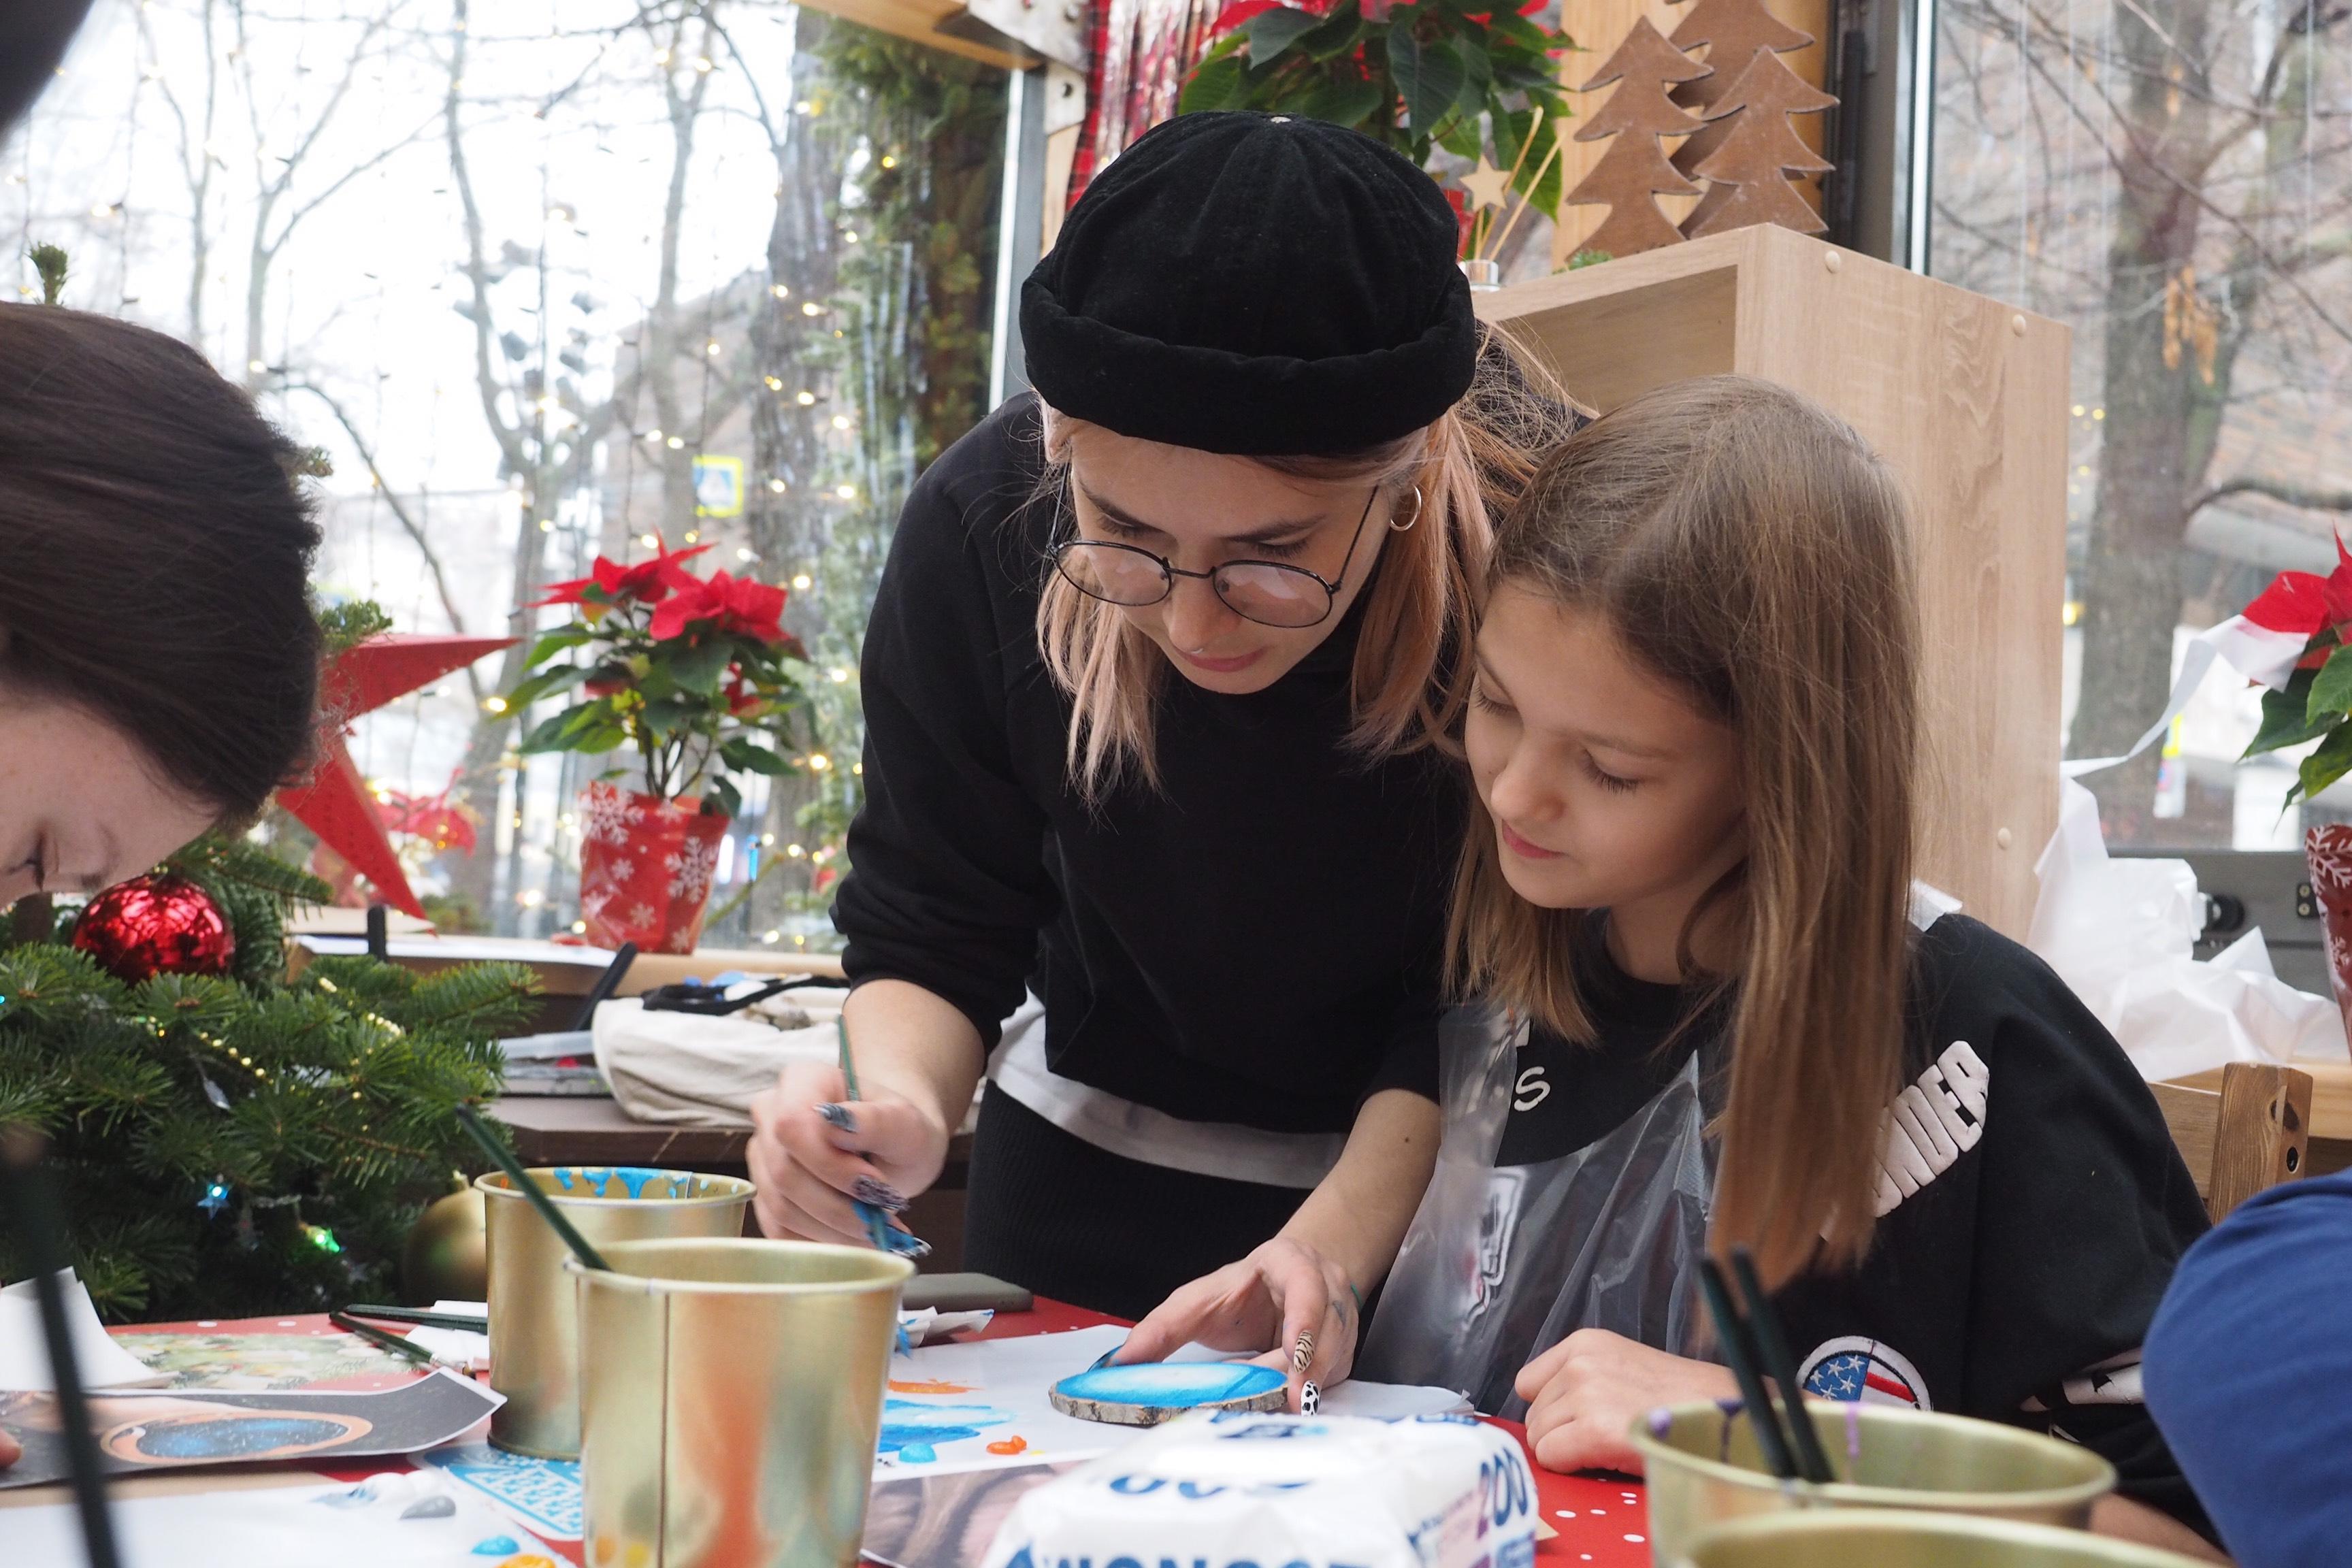 Мастер-класс по созданию интерьерного украшения проведут на базе культурного центра в Десеновском